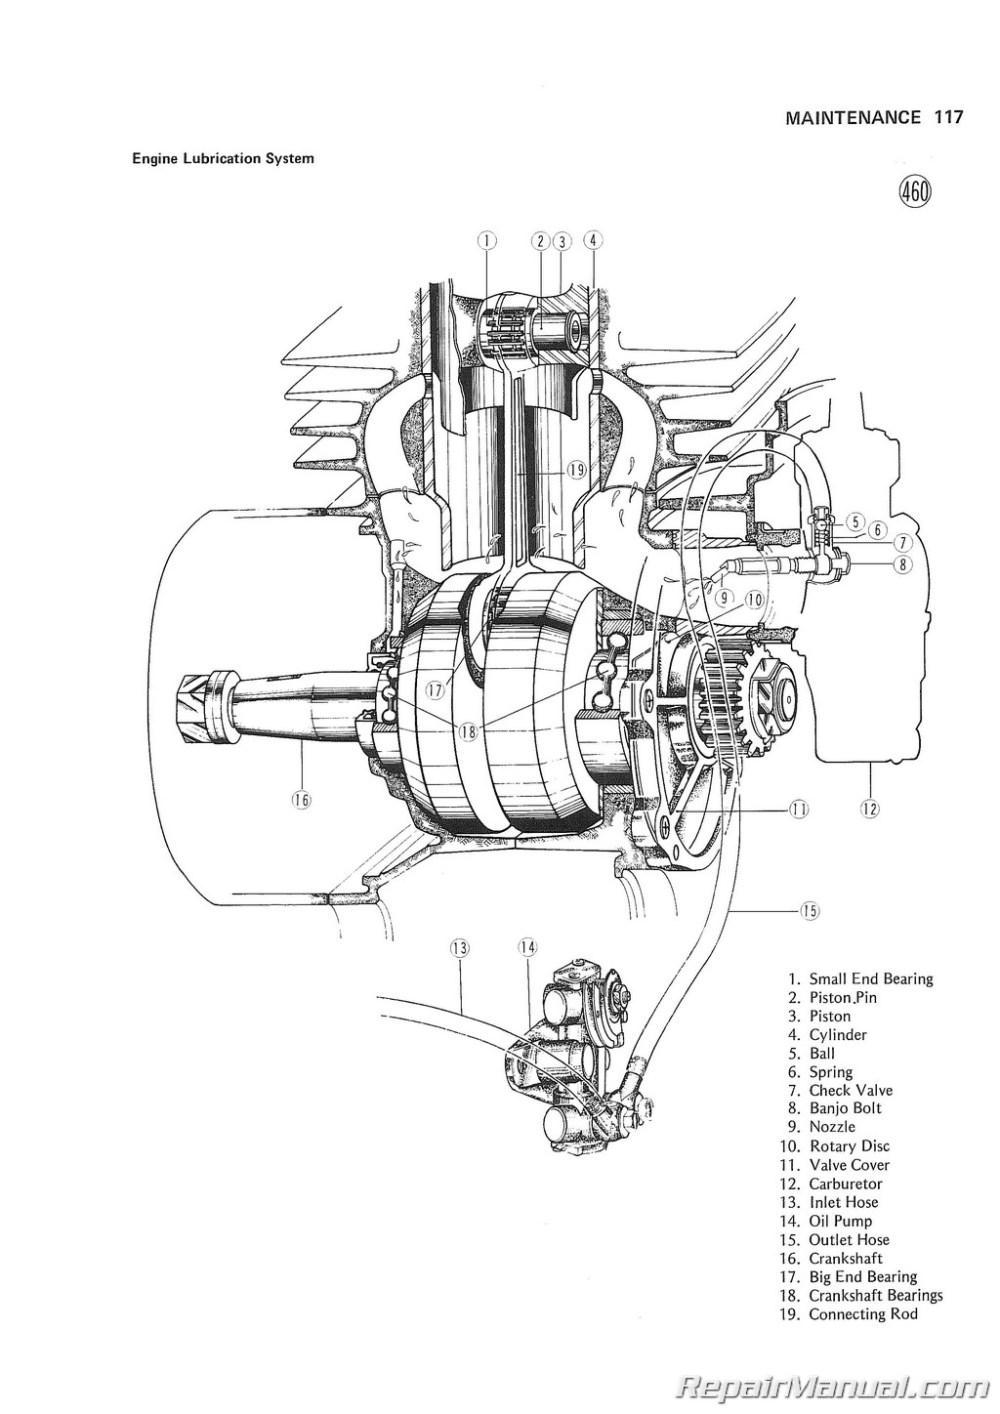 medium resolution of ke175 wiring diagram wiring libraryke175 motorcycle service manual 1976 kawasaki ke175b1 kz1300 wiring diagram ke175 wiring